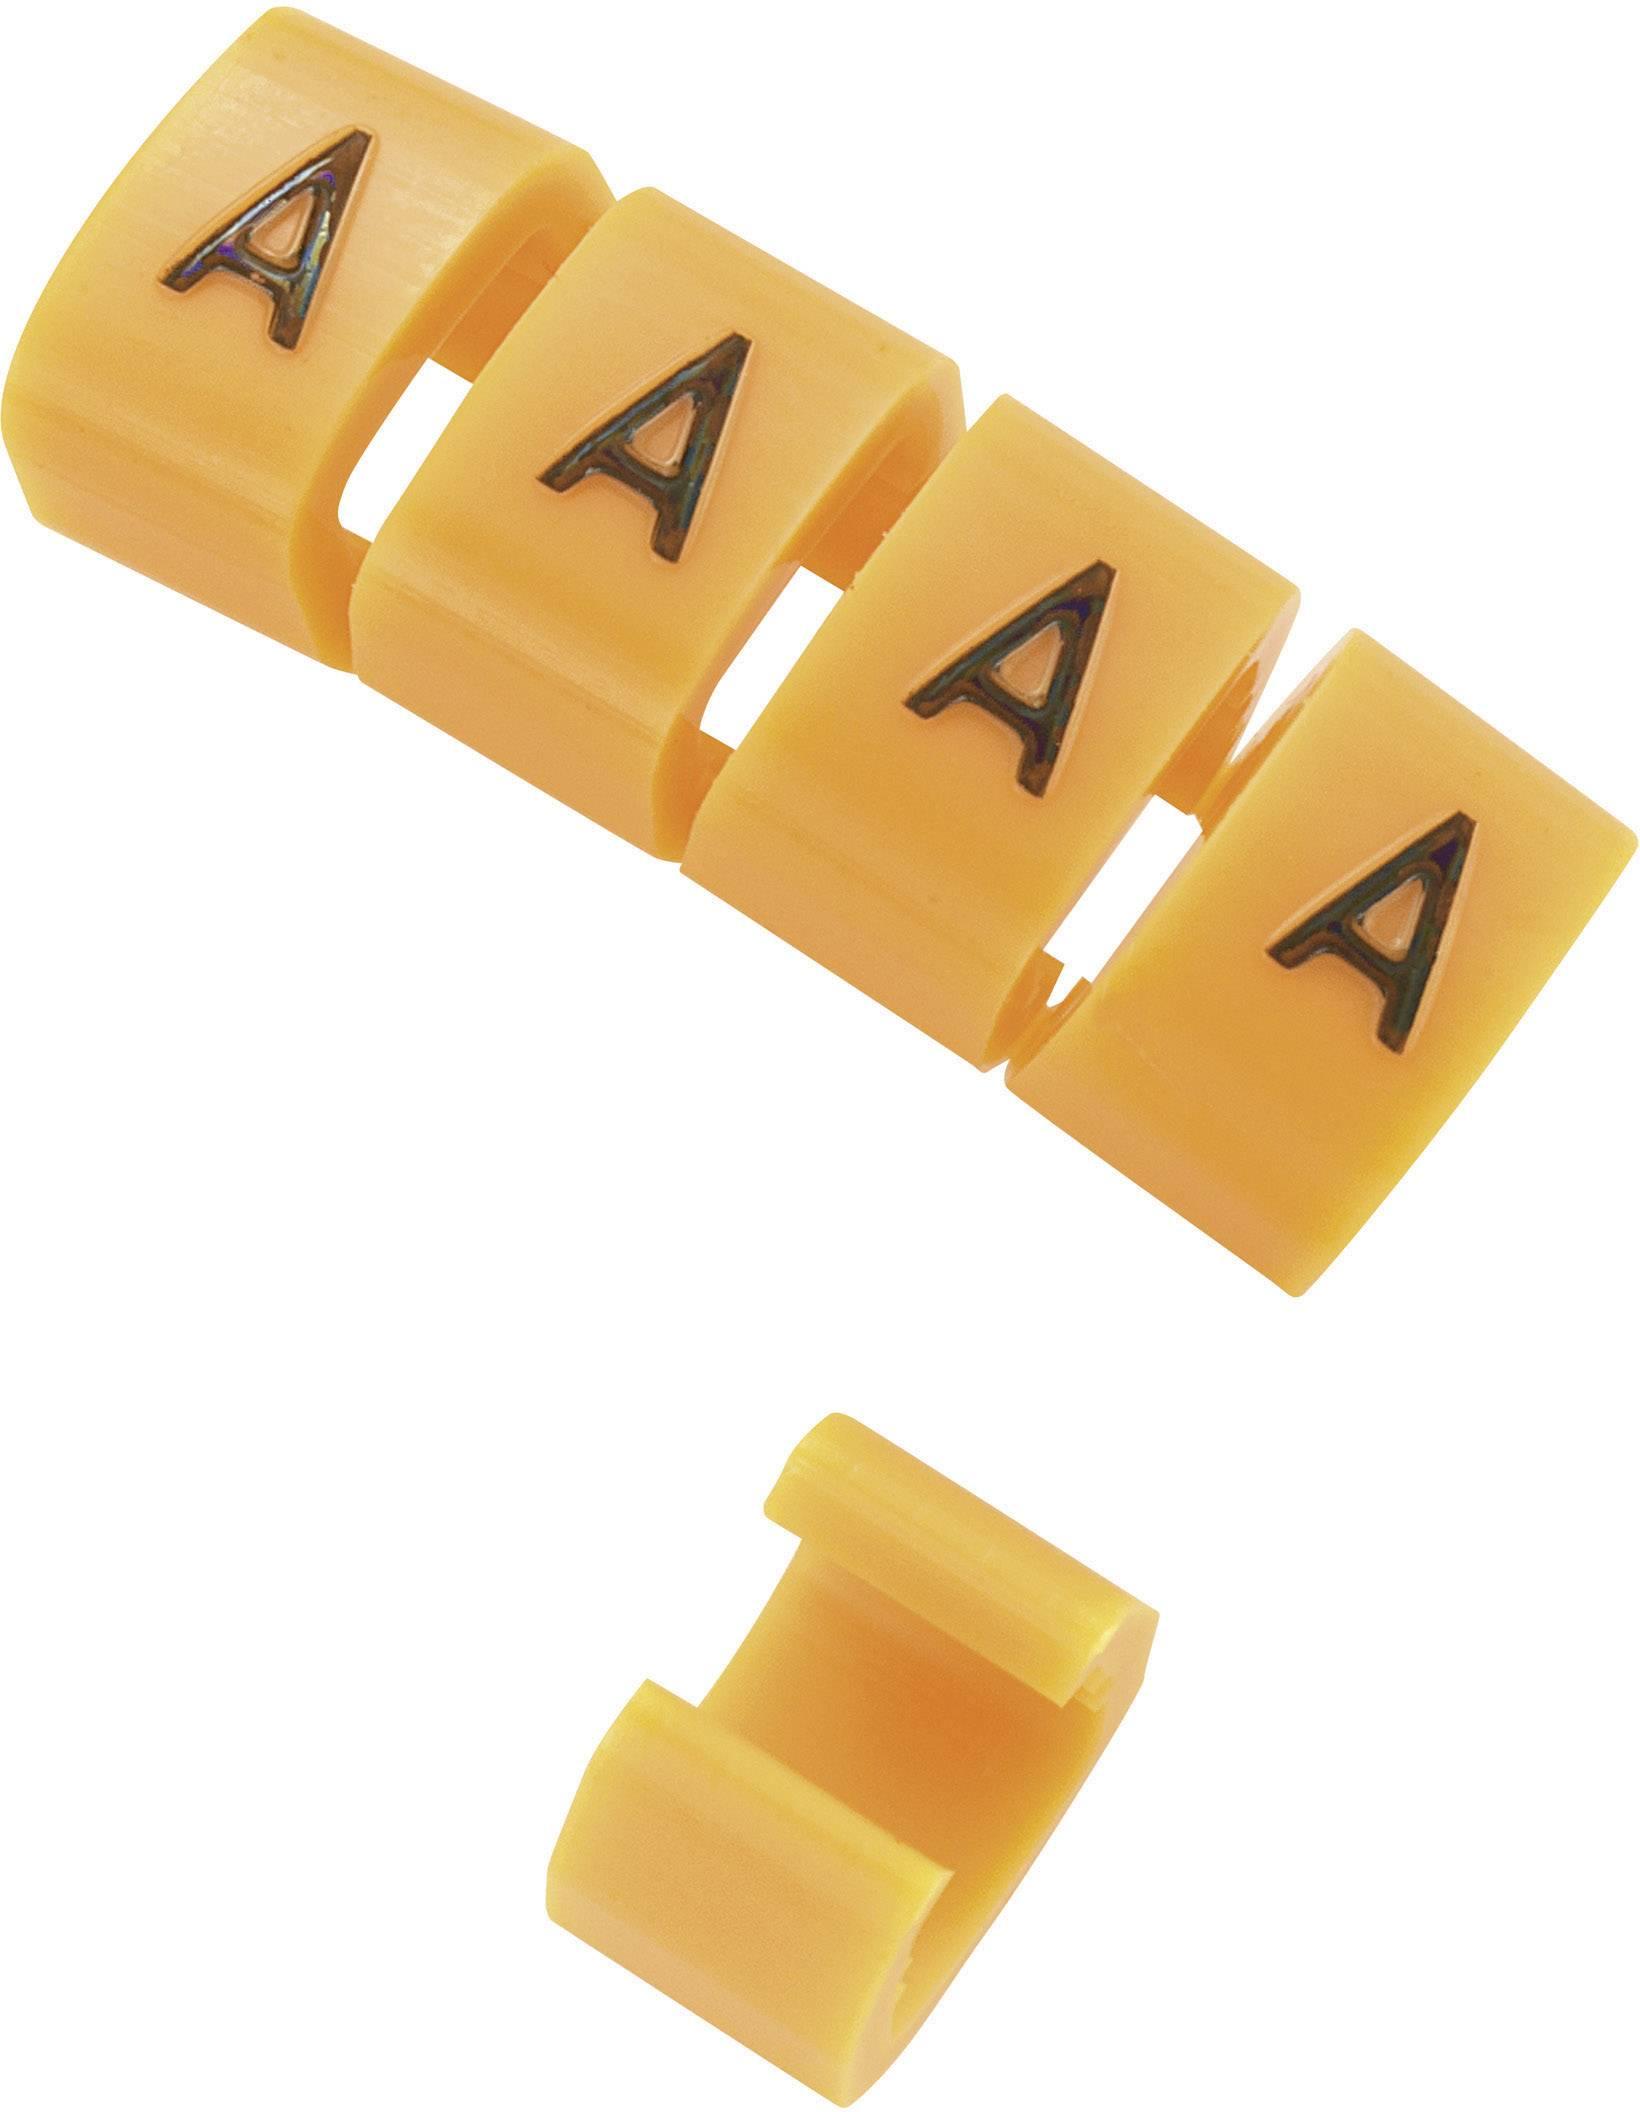 Označovacie objímka na káble KSS MB1/V, oranžová, 10 ks